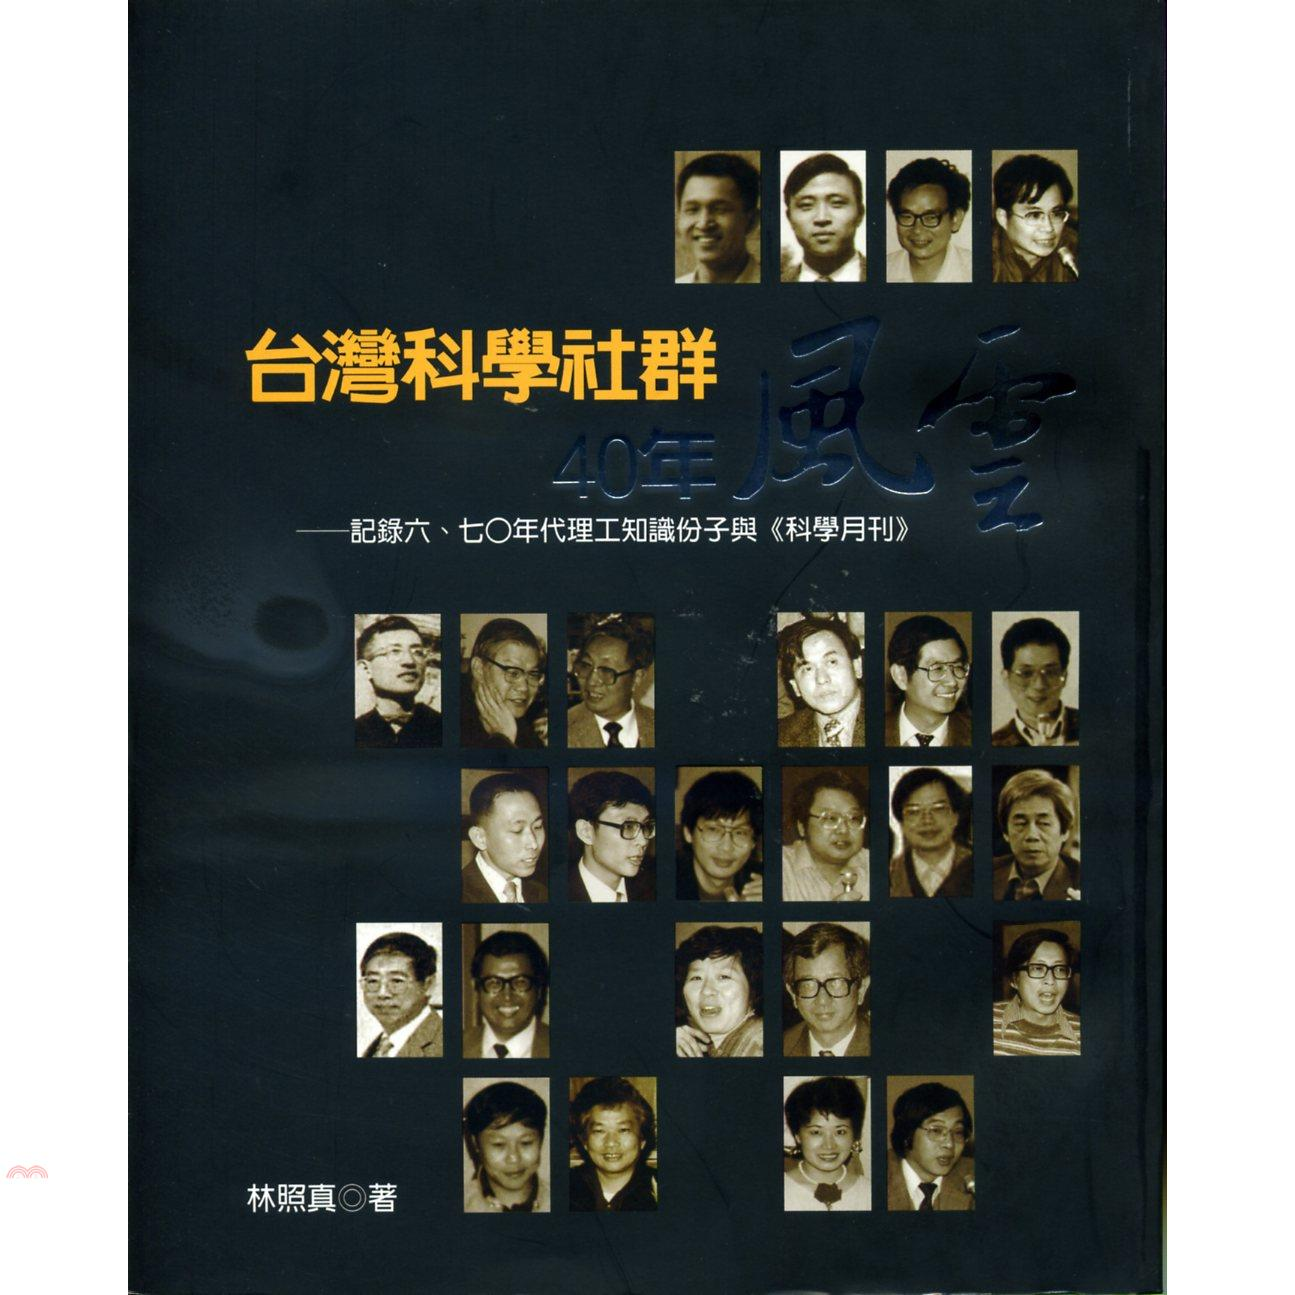 台灣科學社群40年風雲:記錄六、七0年代理工知識份子與《科學月刊》[88折]